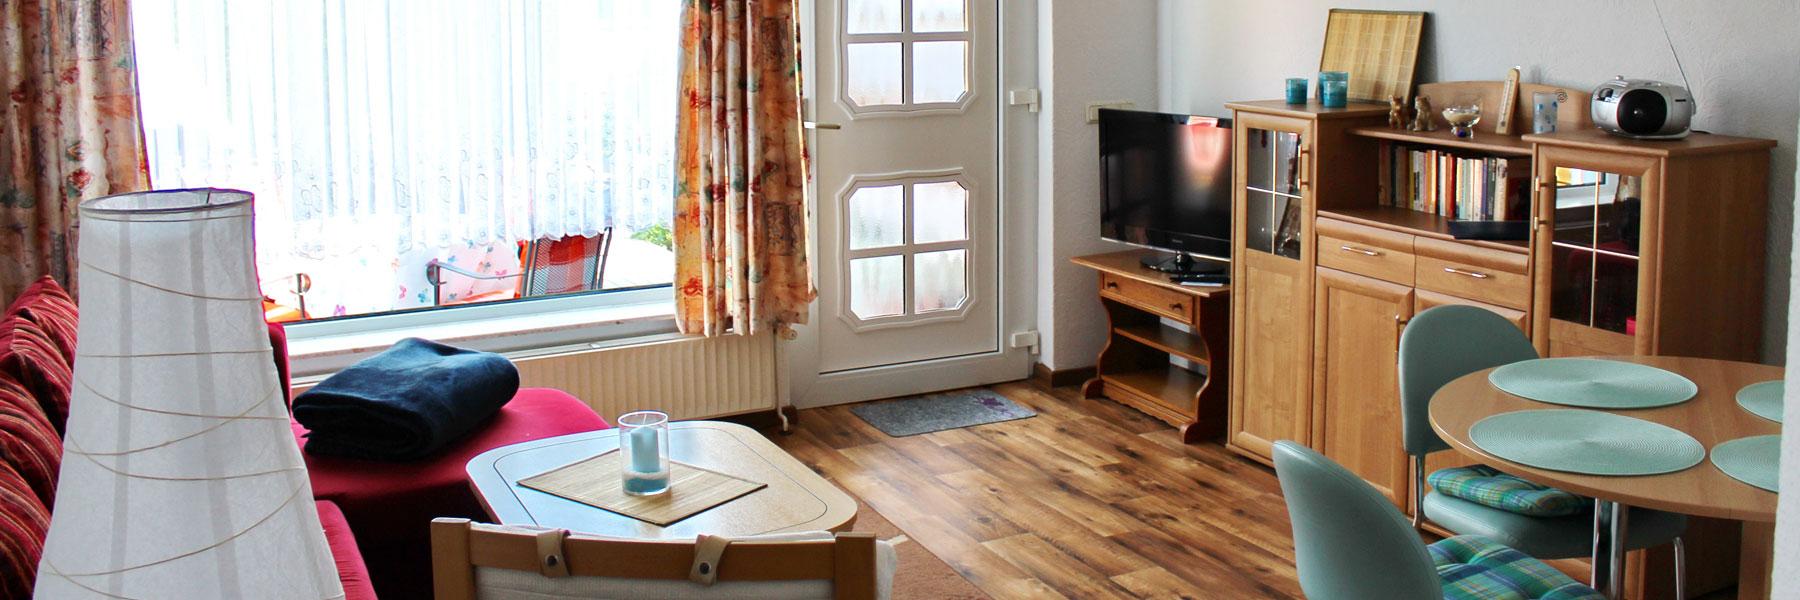 Wohnzimmer - Ferienwohnung Hahn